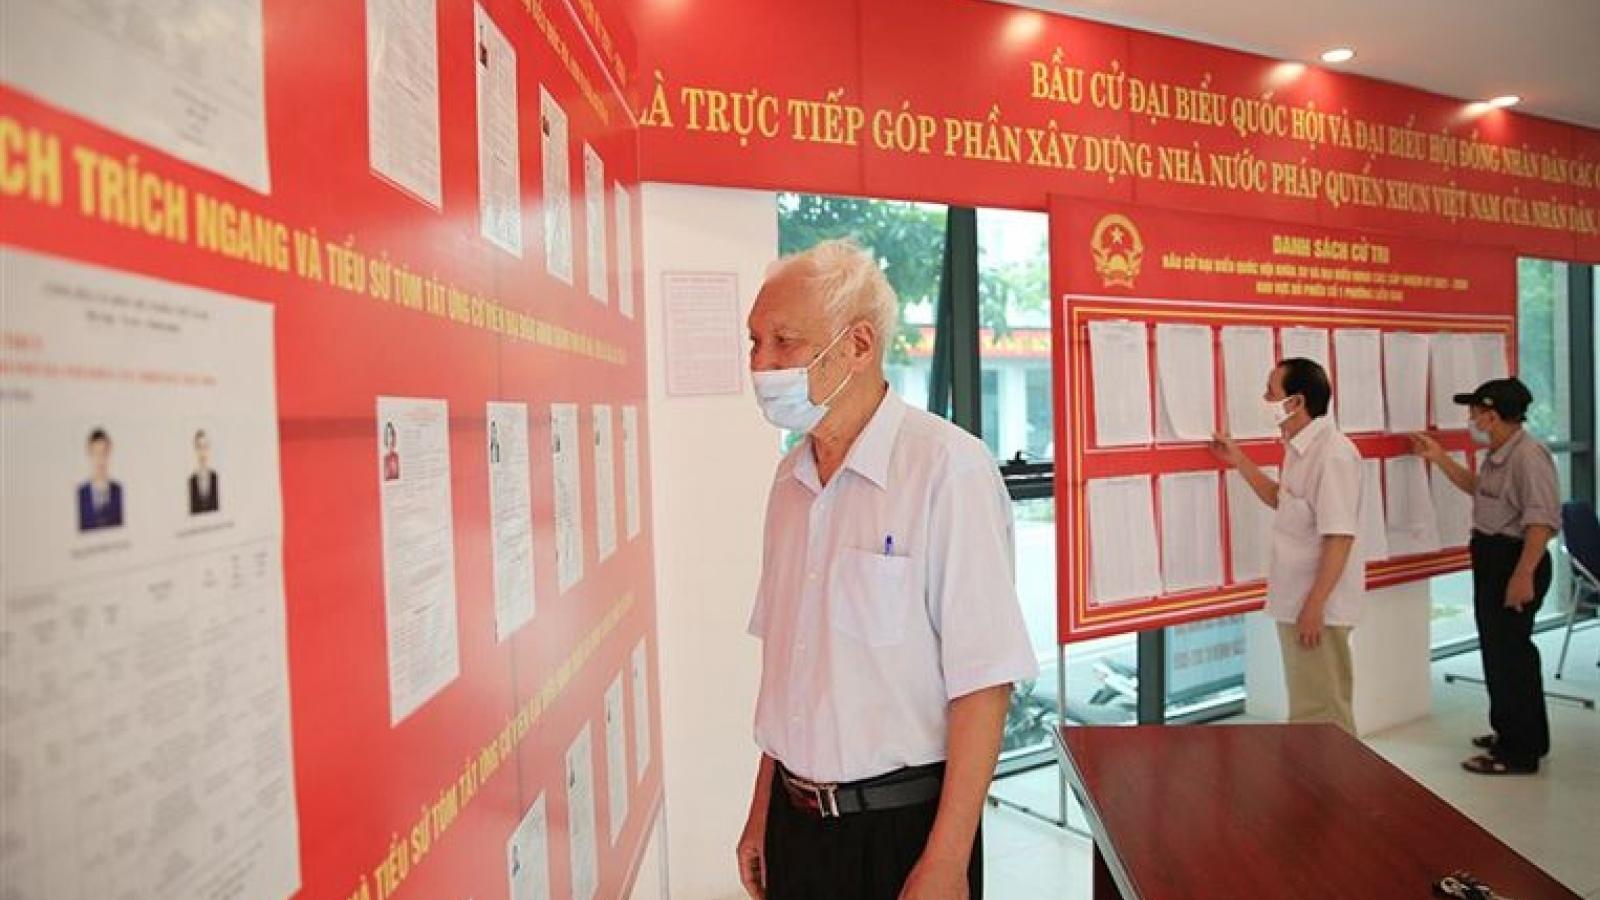 Hà Nội có phương án bầu cử an toàn tại 67 điểm dân cư bị phong tỏa và điểm cách ly